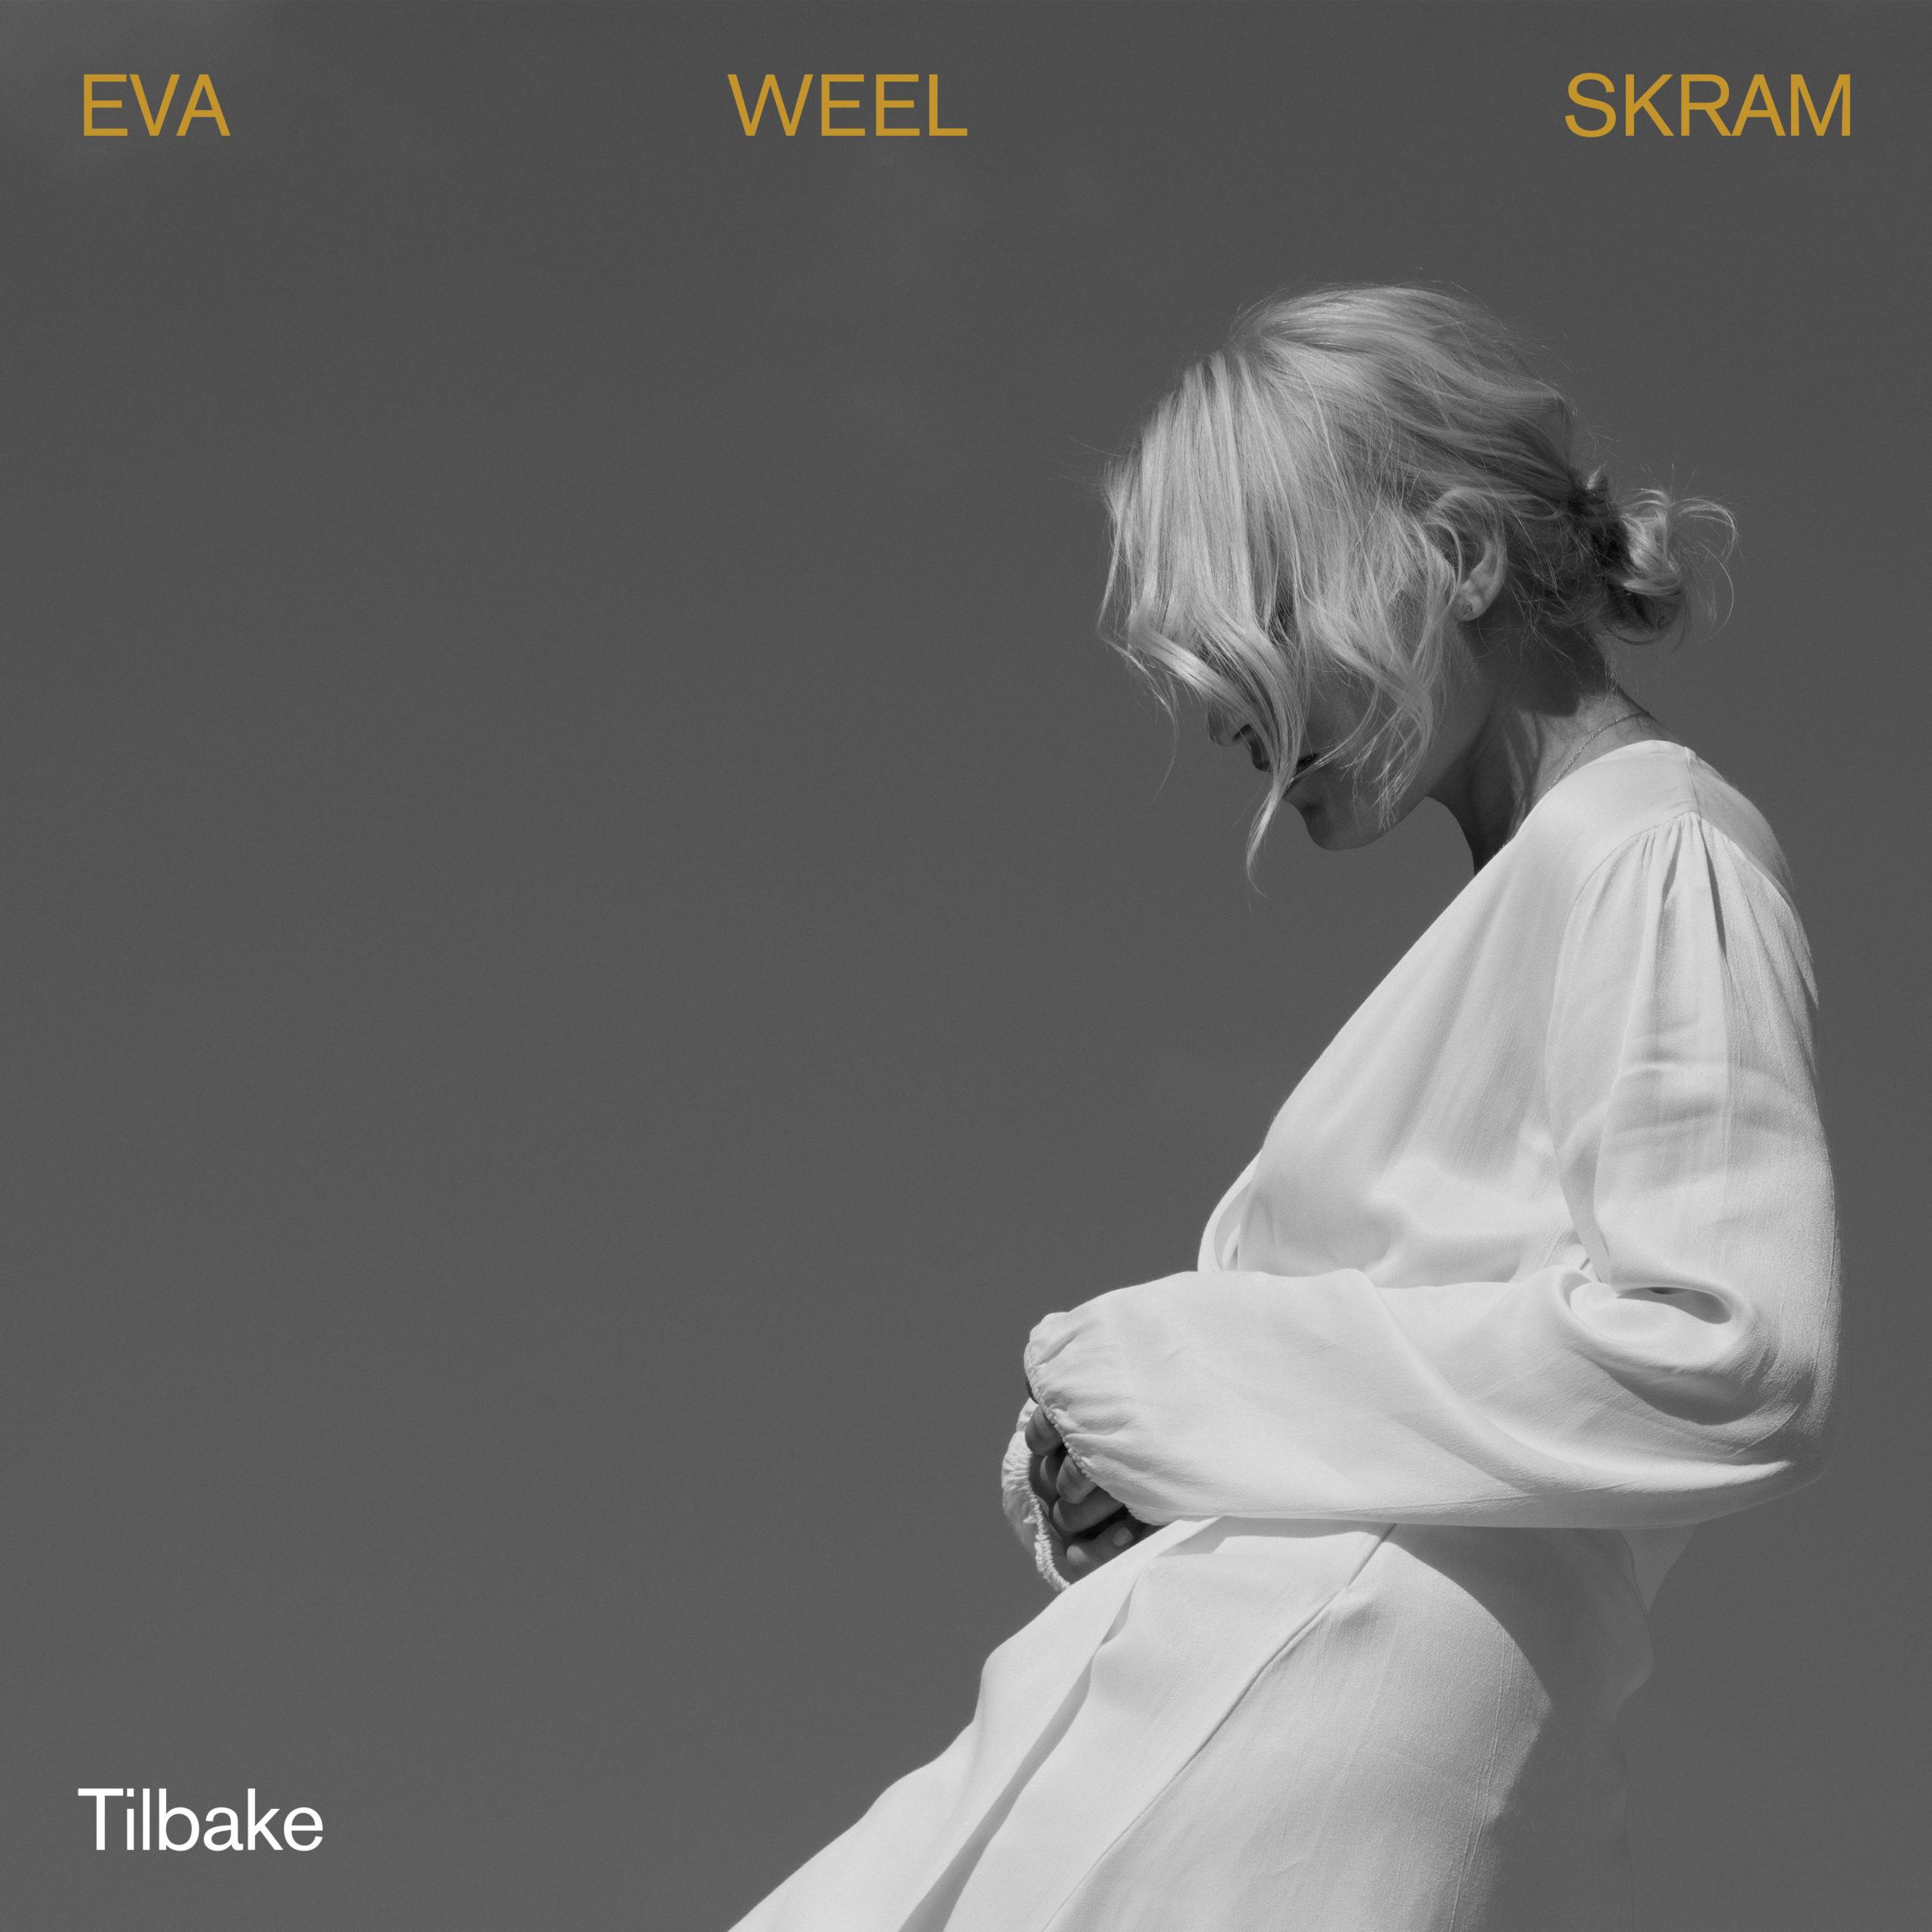 Eva Weel Skram - Tilbake